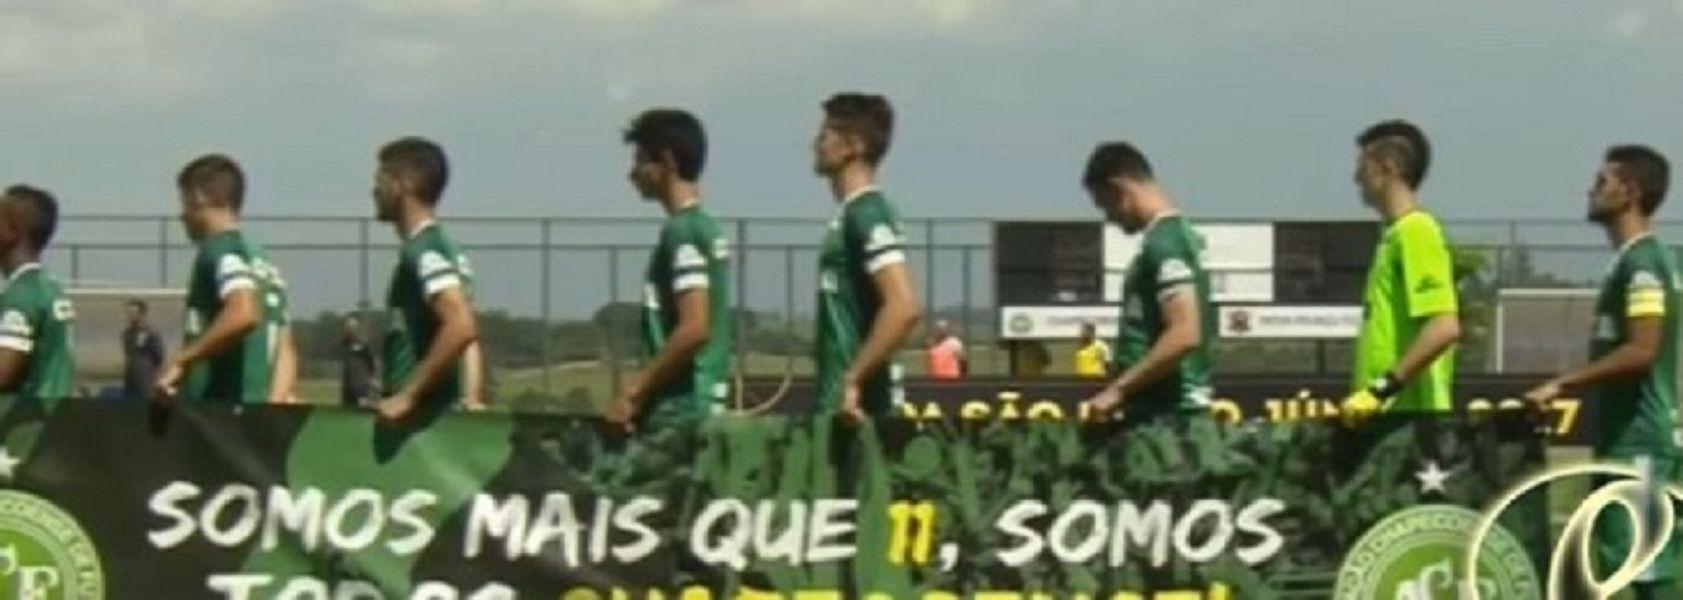 Los jugadores del Chapecoense